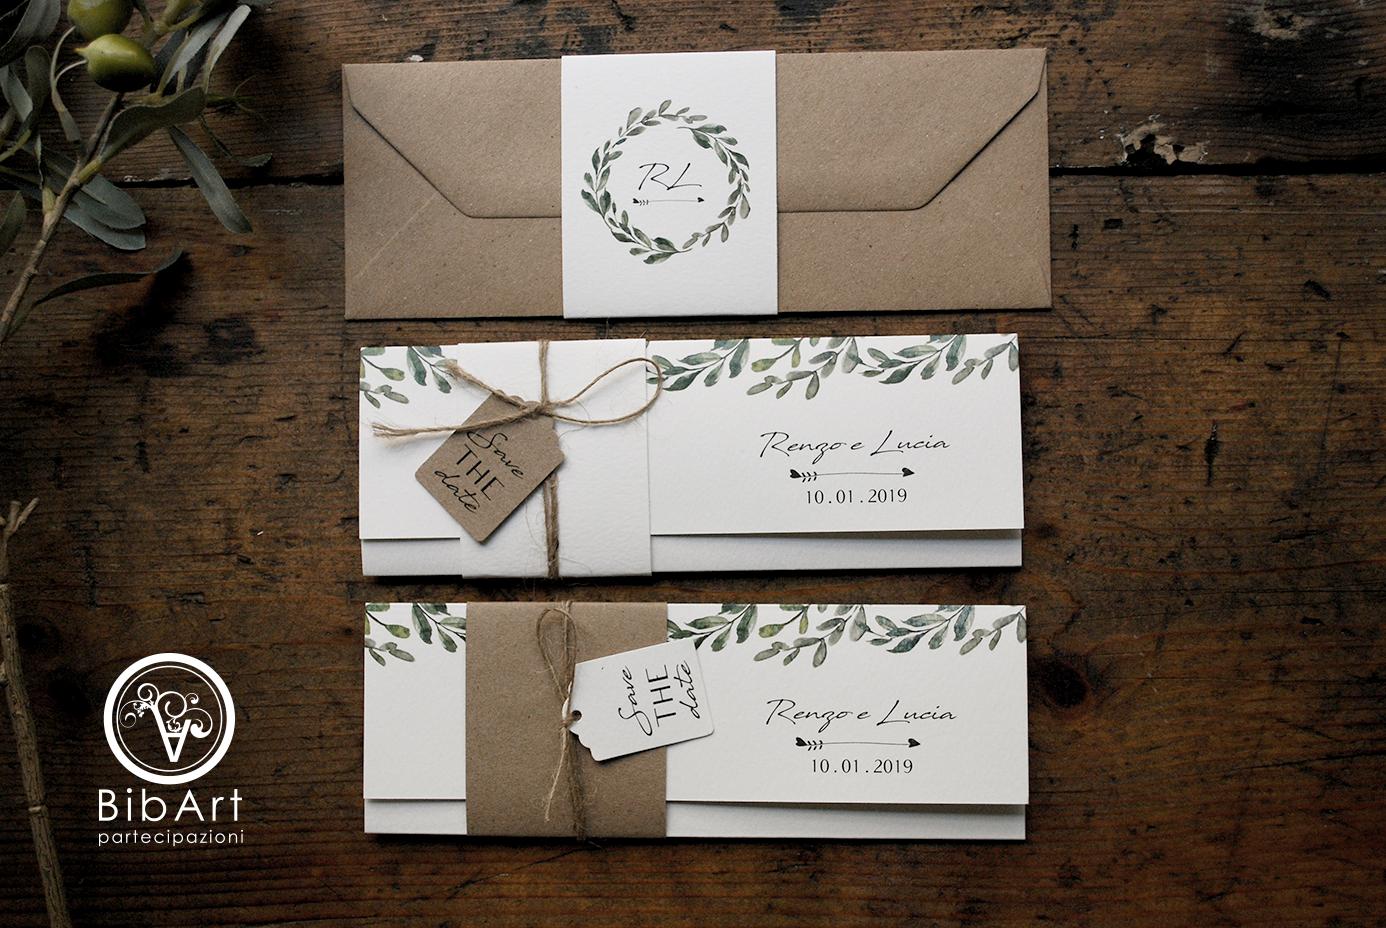 Partecipazioni Matrimonio 0 50 Cent.Rustic Invitation Green Wreath Kraft Envelope Invito Country